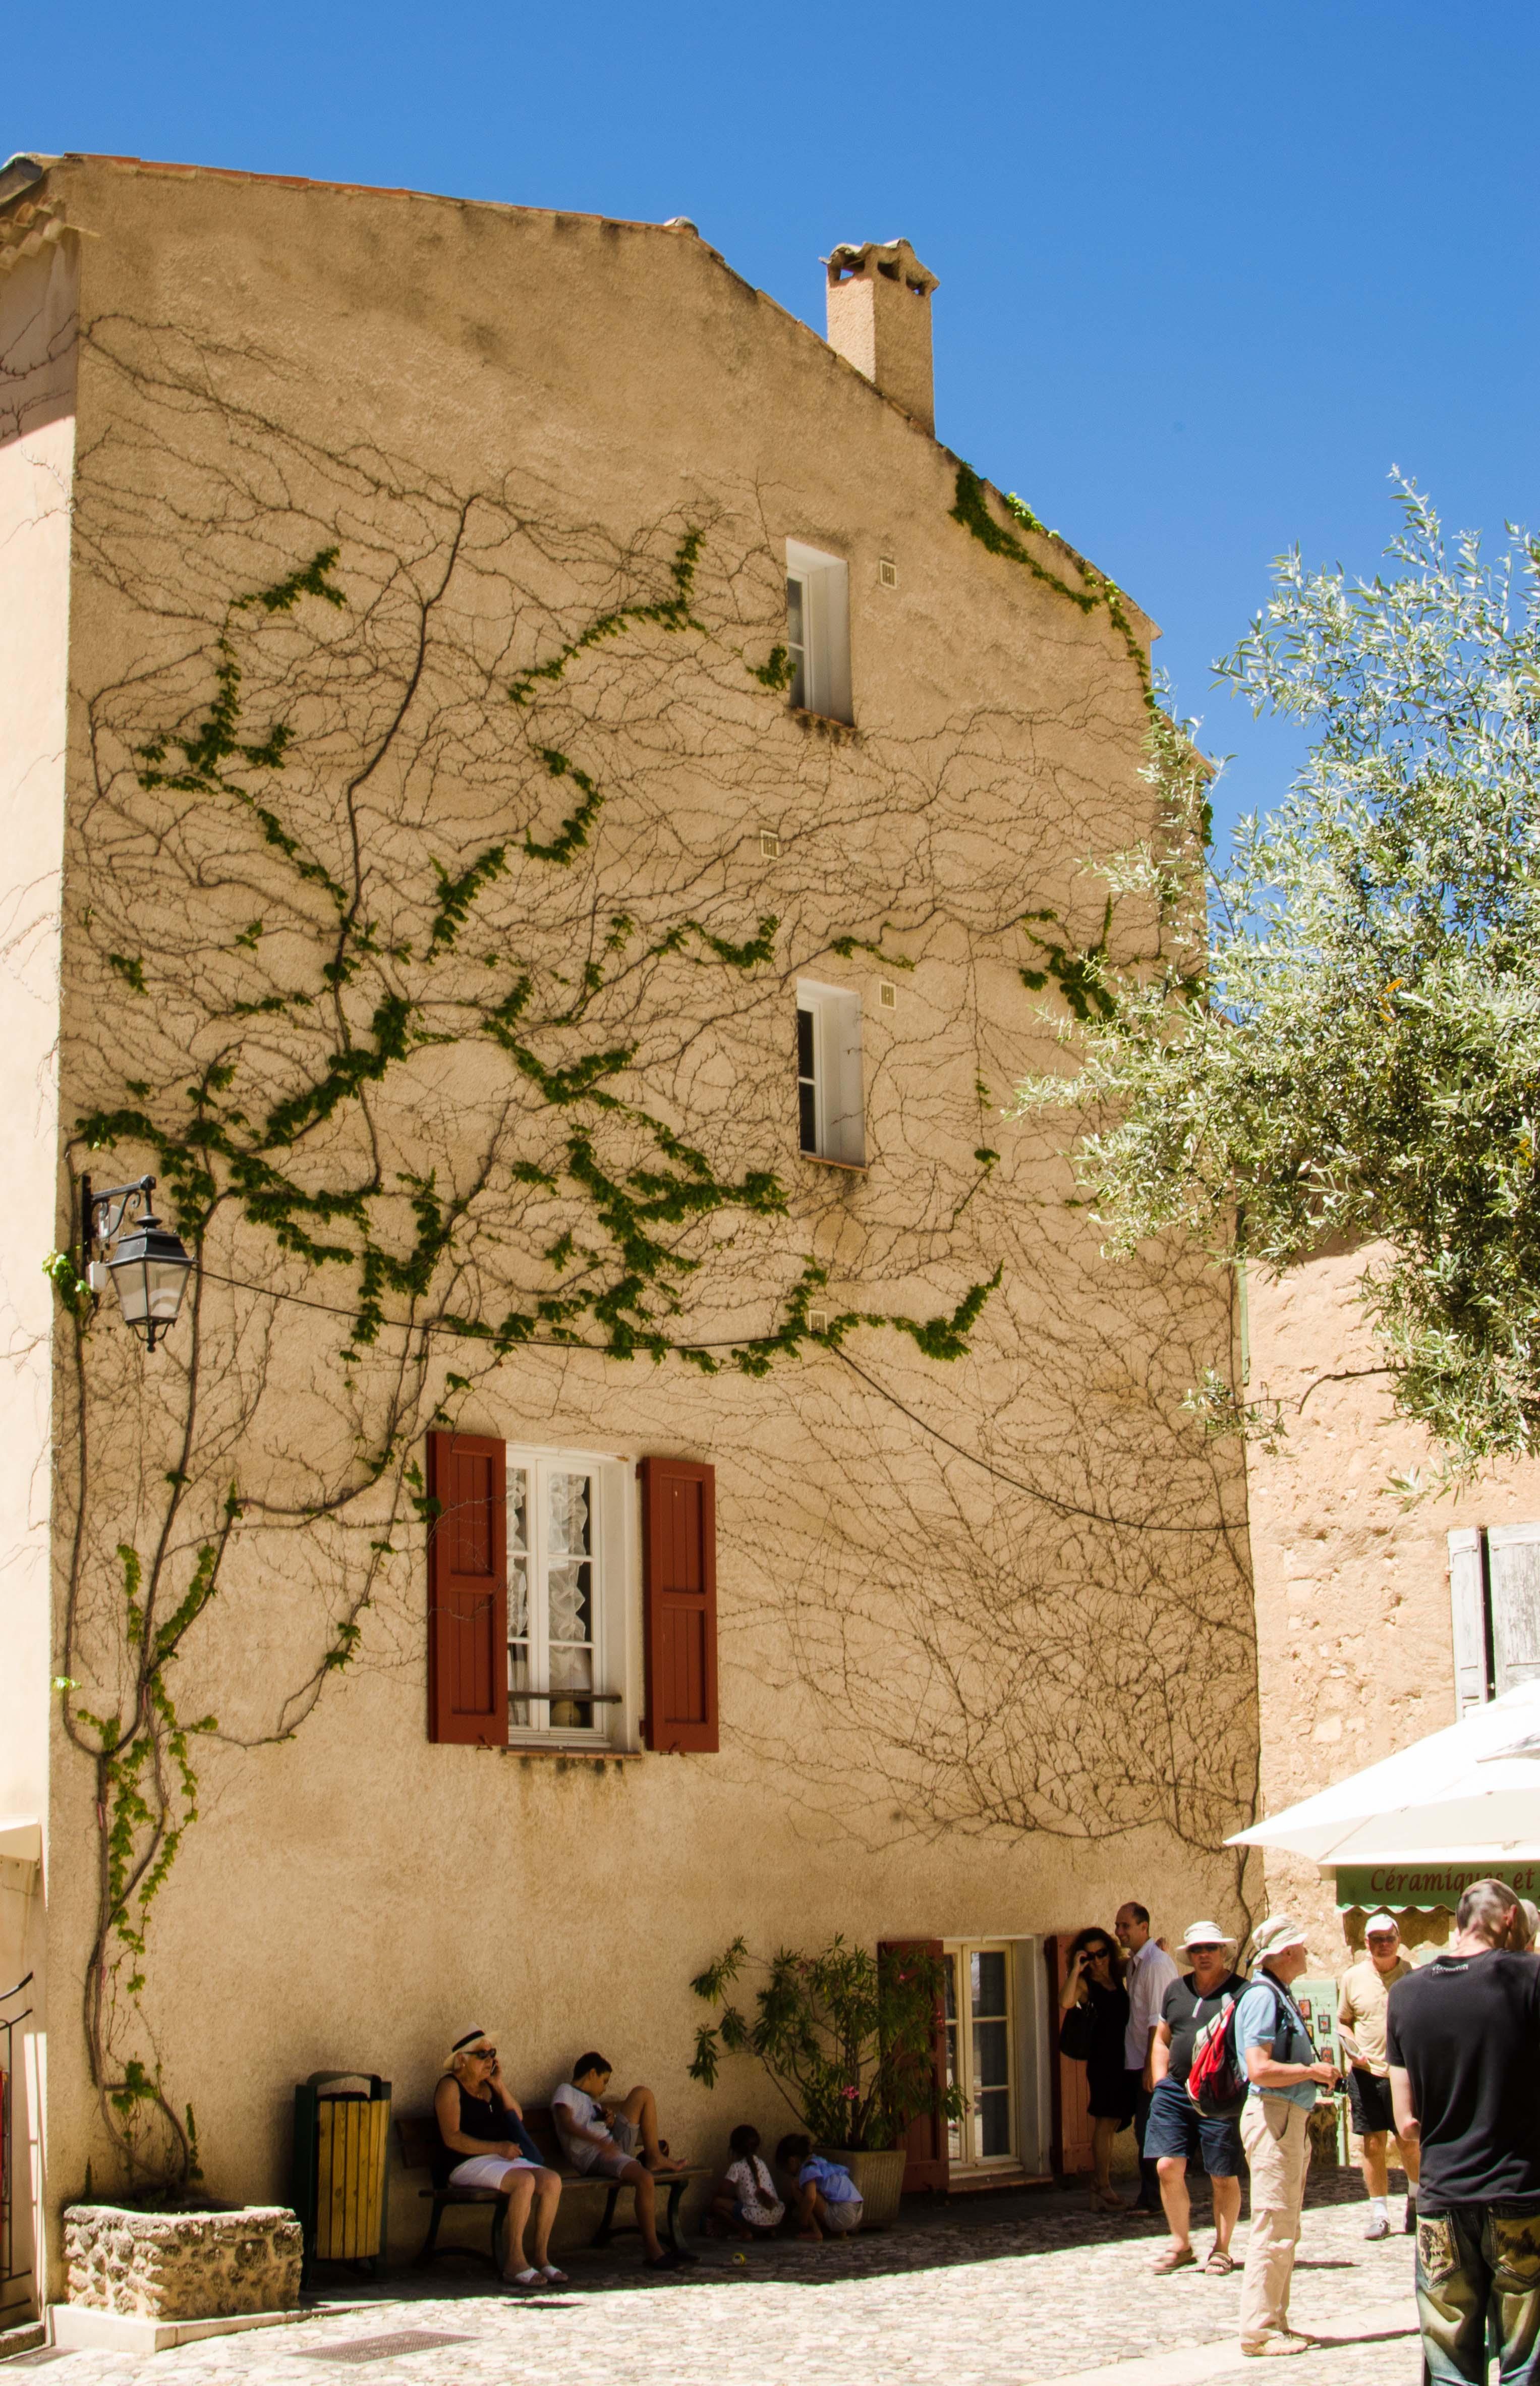 castellana13 Vacanze in Provenza, Camargue e Costa Azzurra